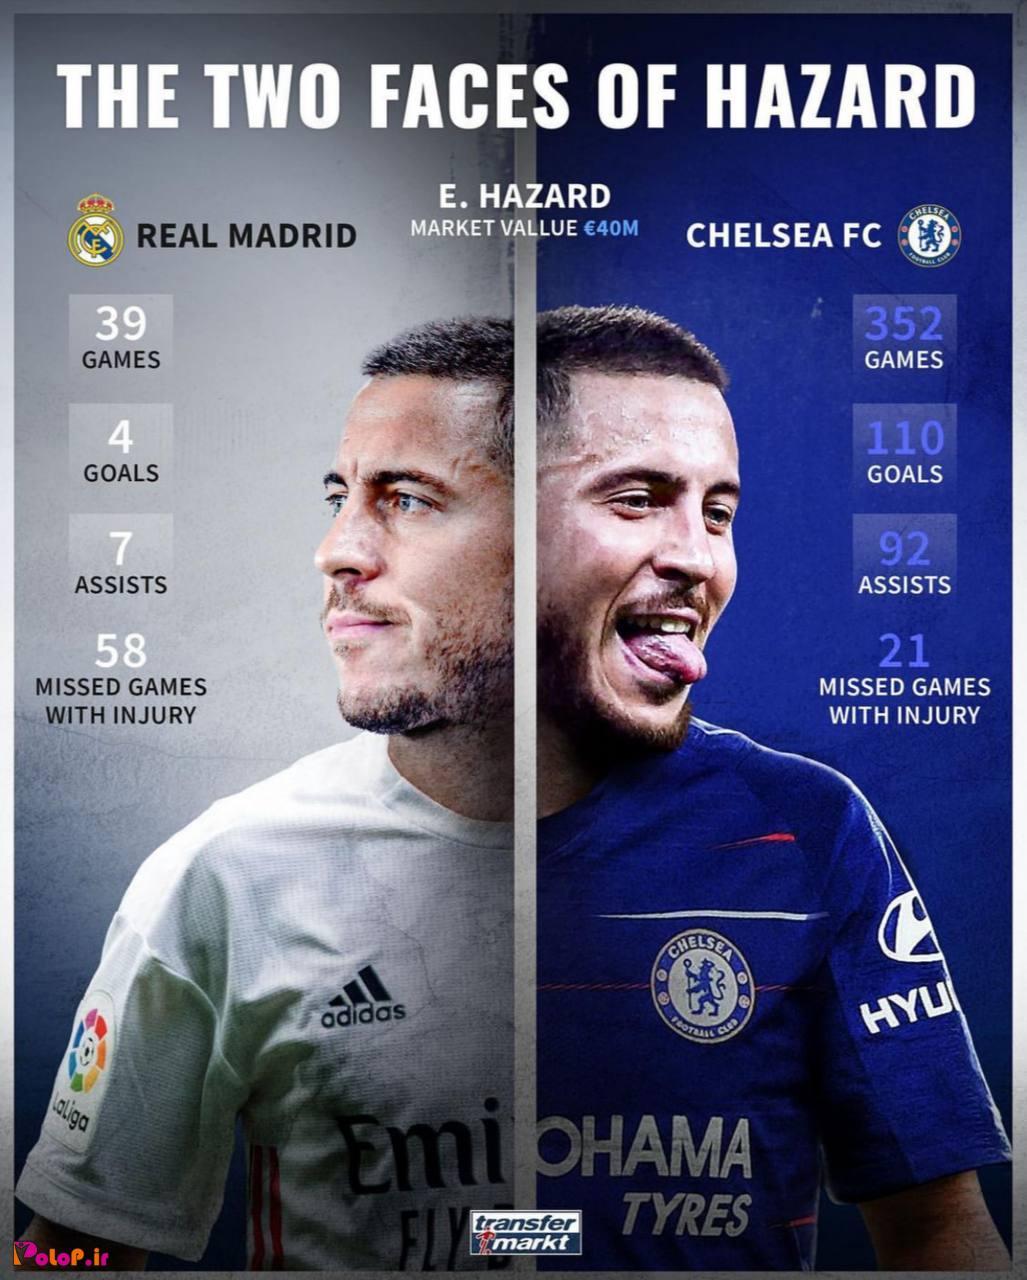 مقایسه عملکرد هازارد در چلسی و رئال مادرید.